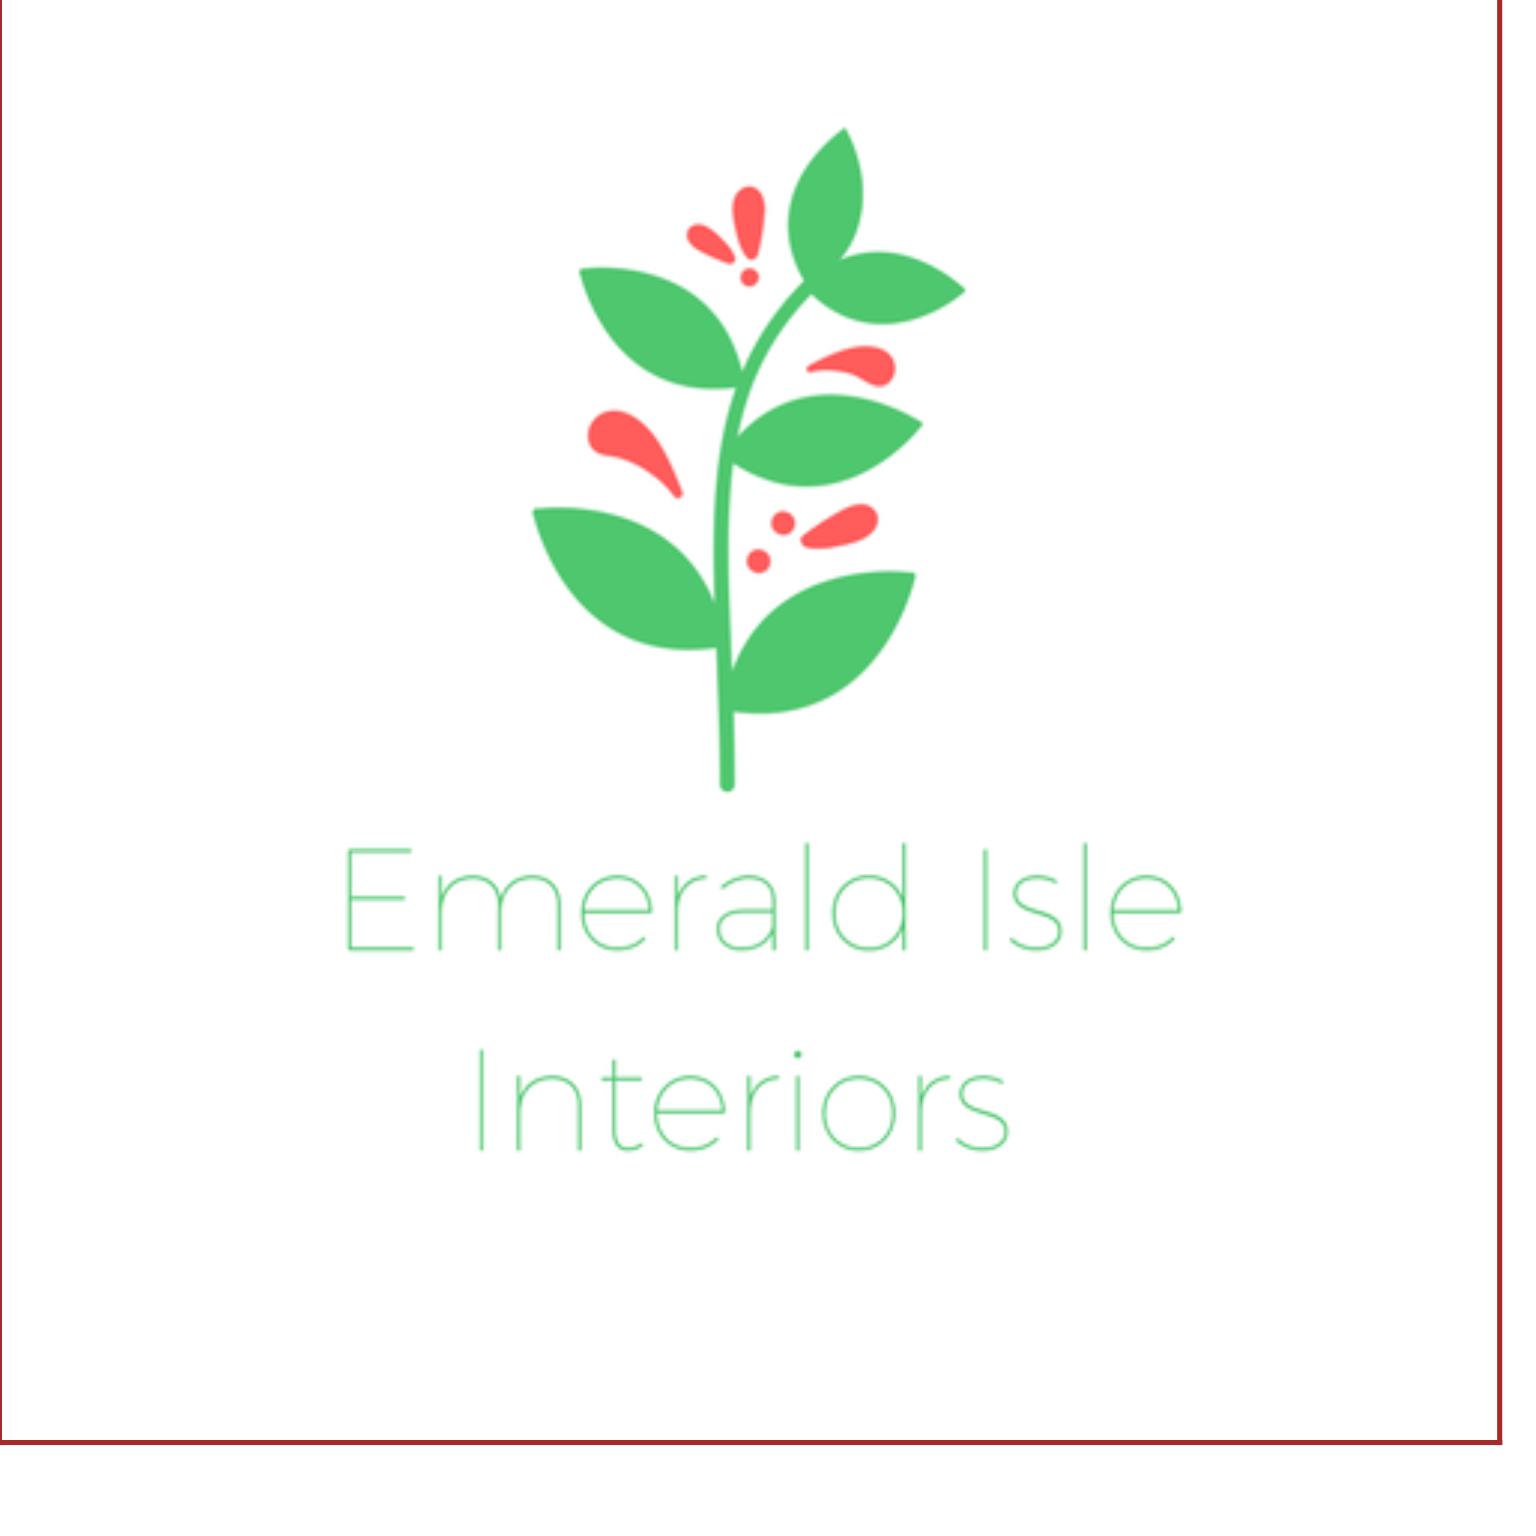 Emerald Isle Interior Plant Service image 6